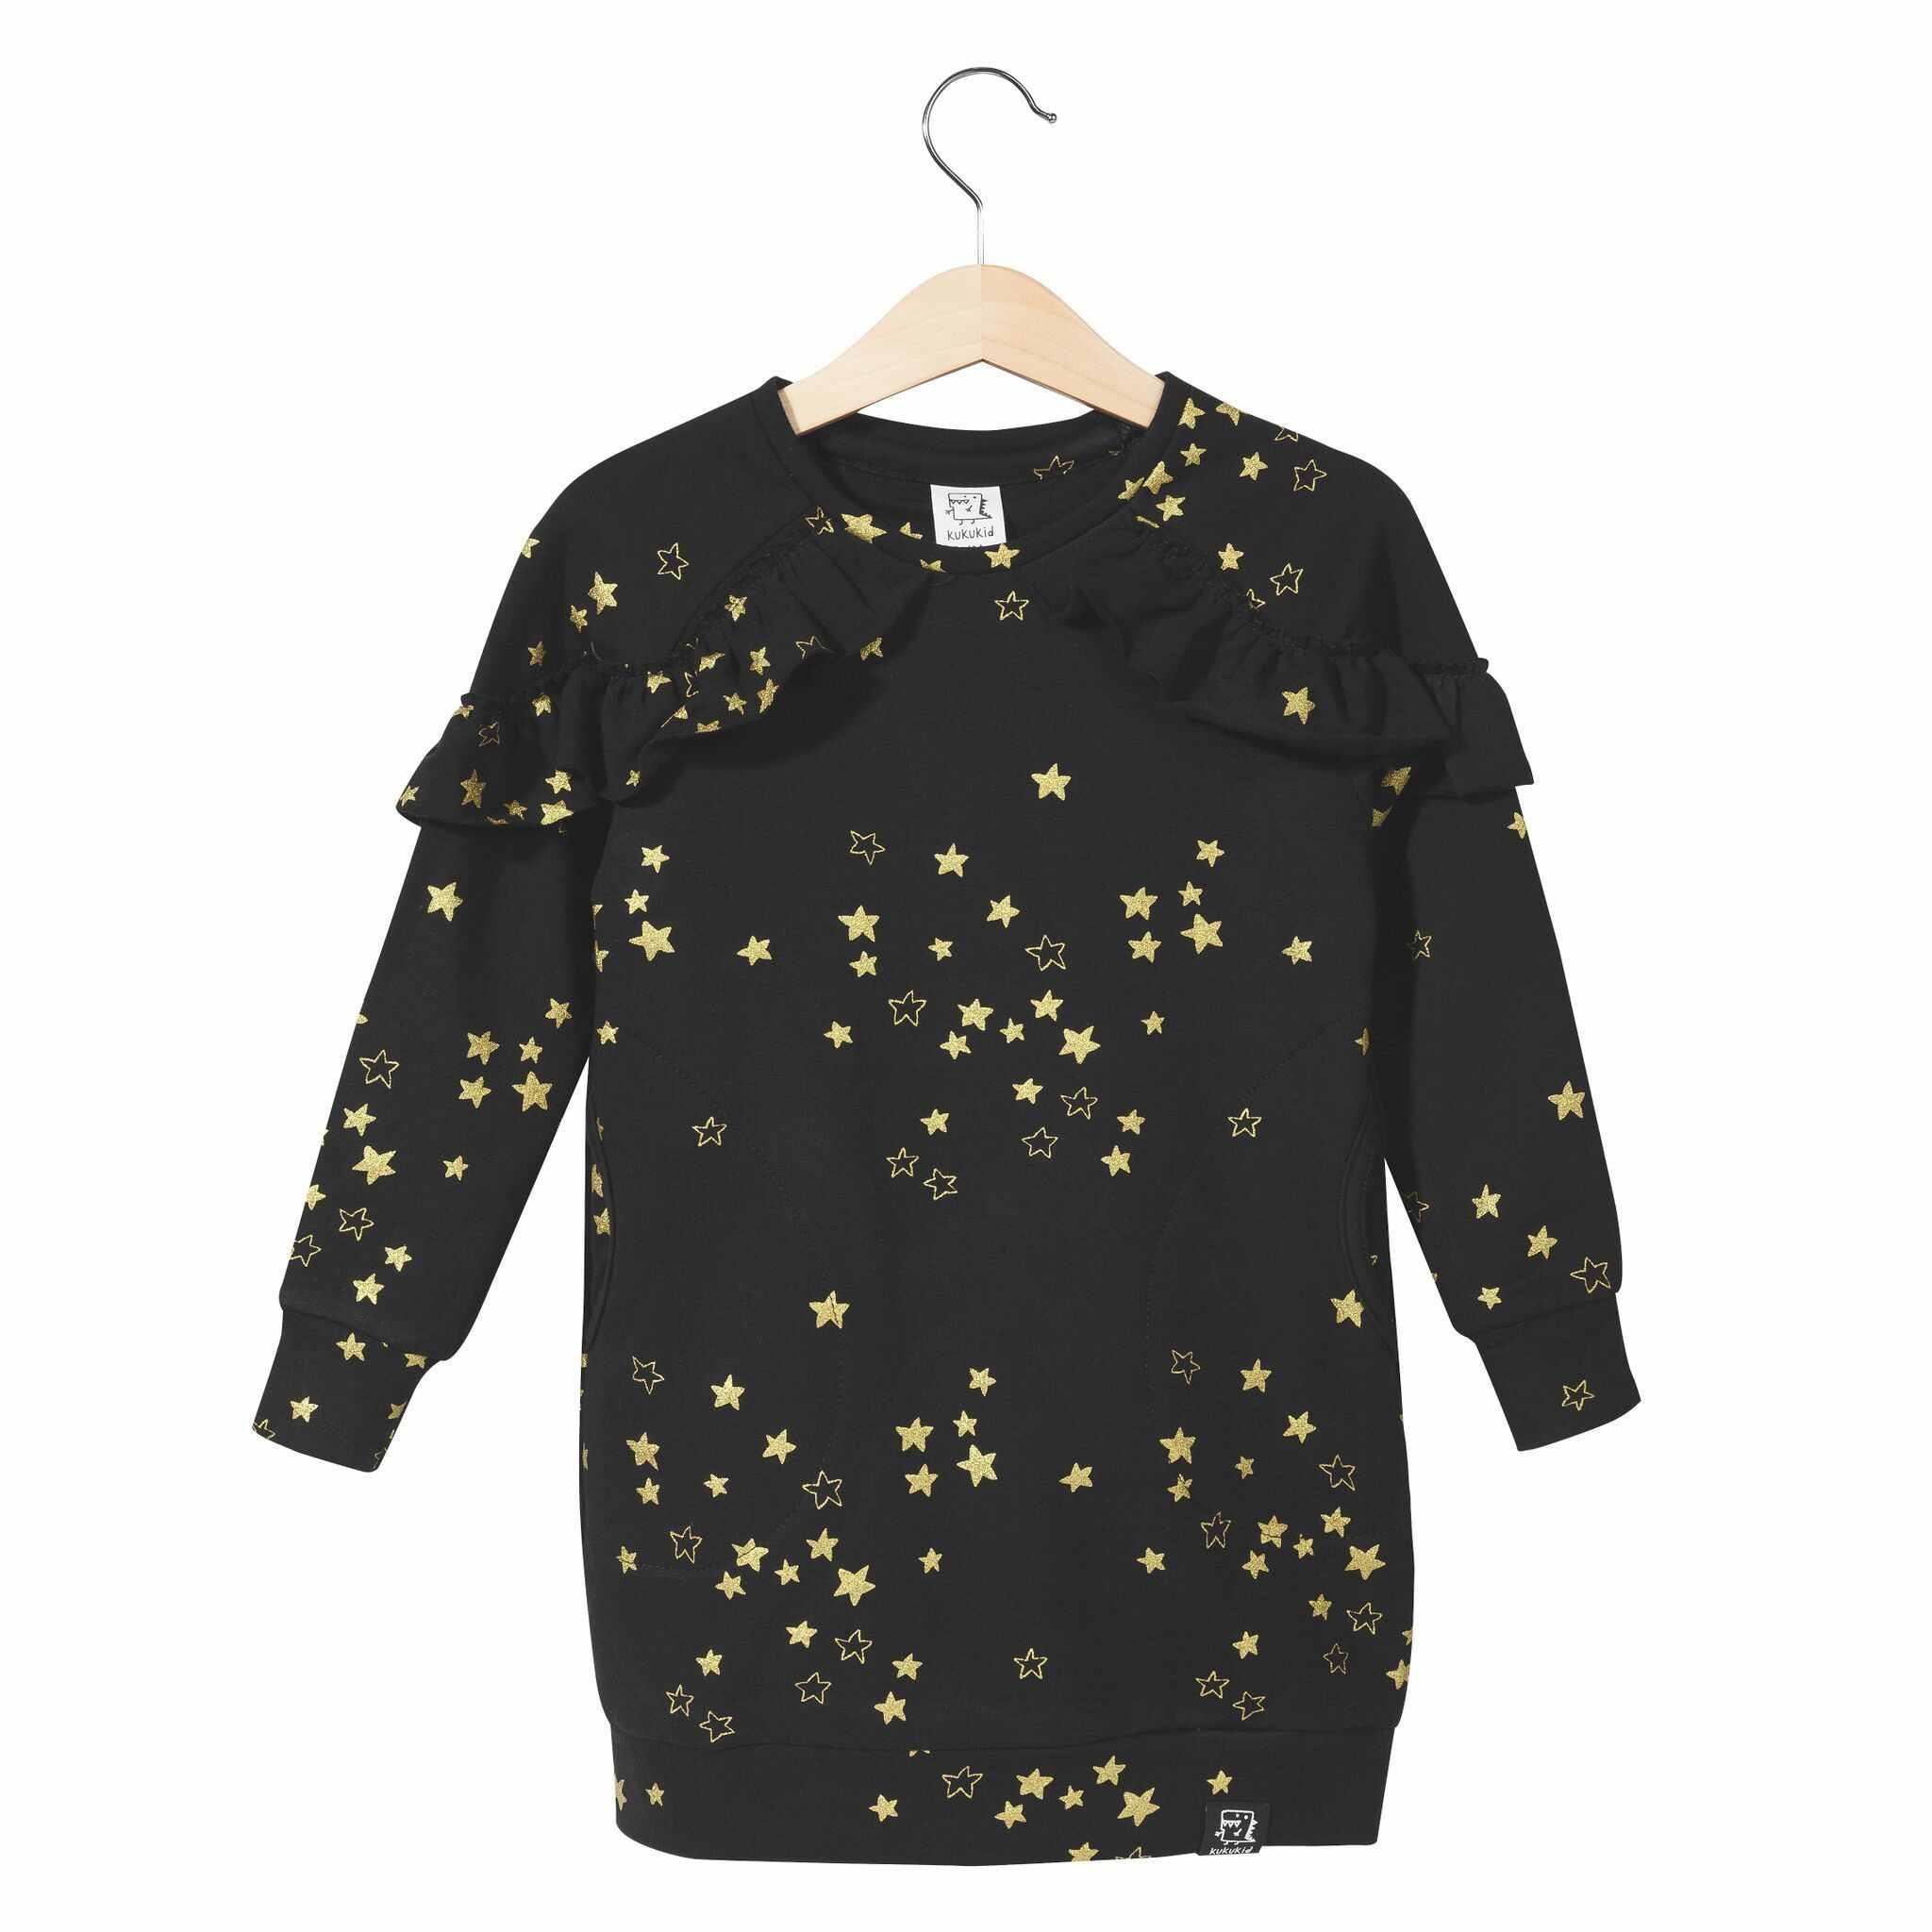 kleid-sweatshirt-schwarz-goldene-sterne-kukukid-vorne